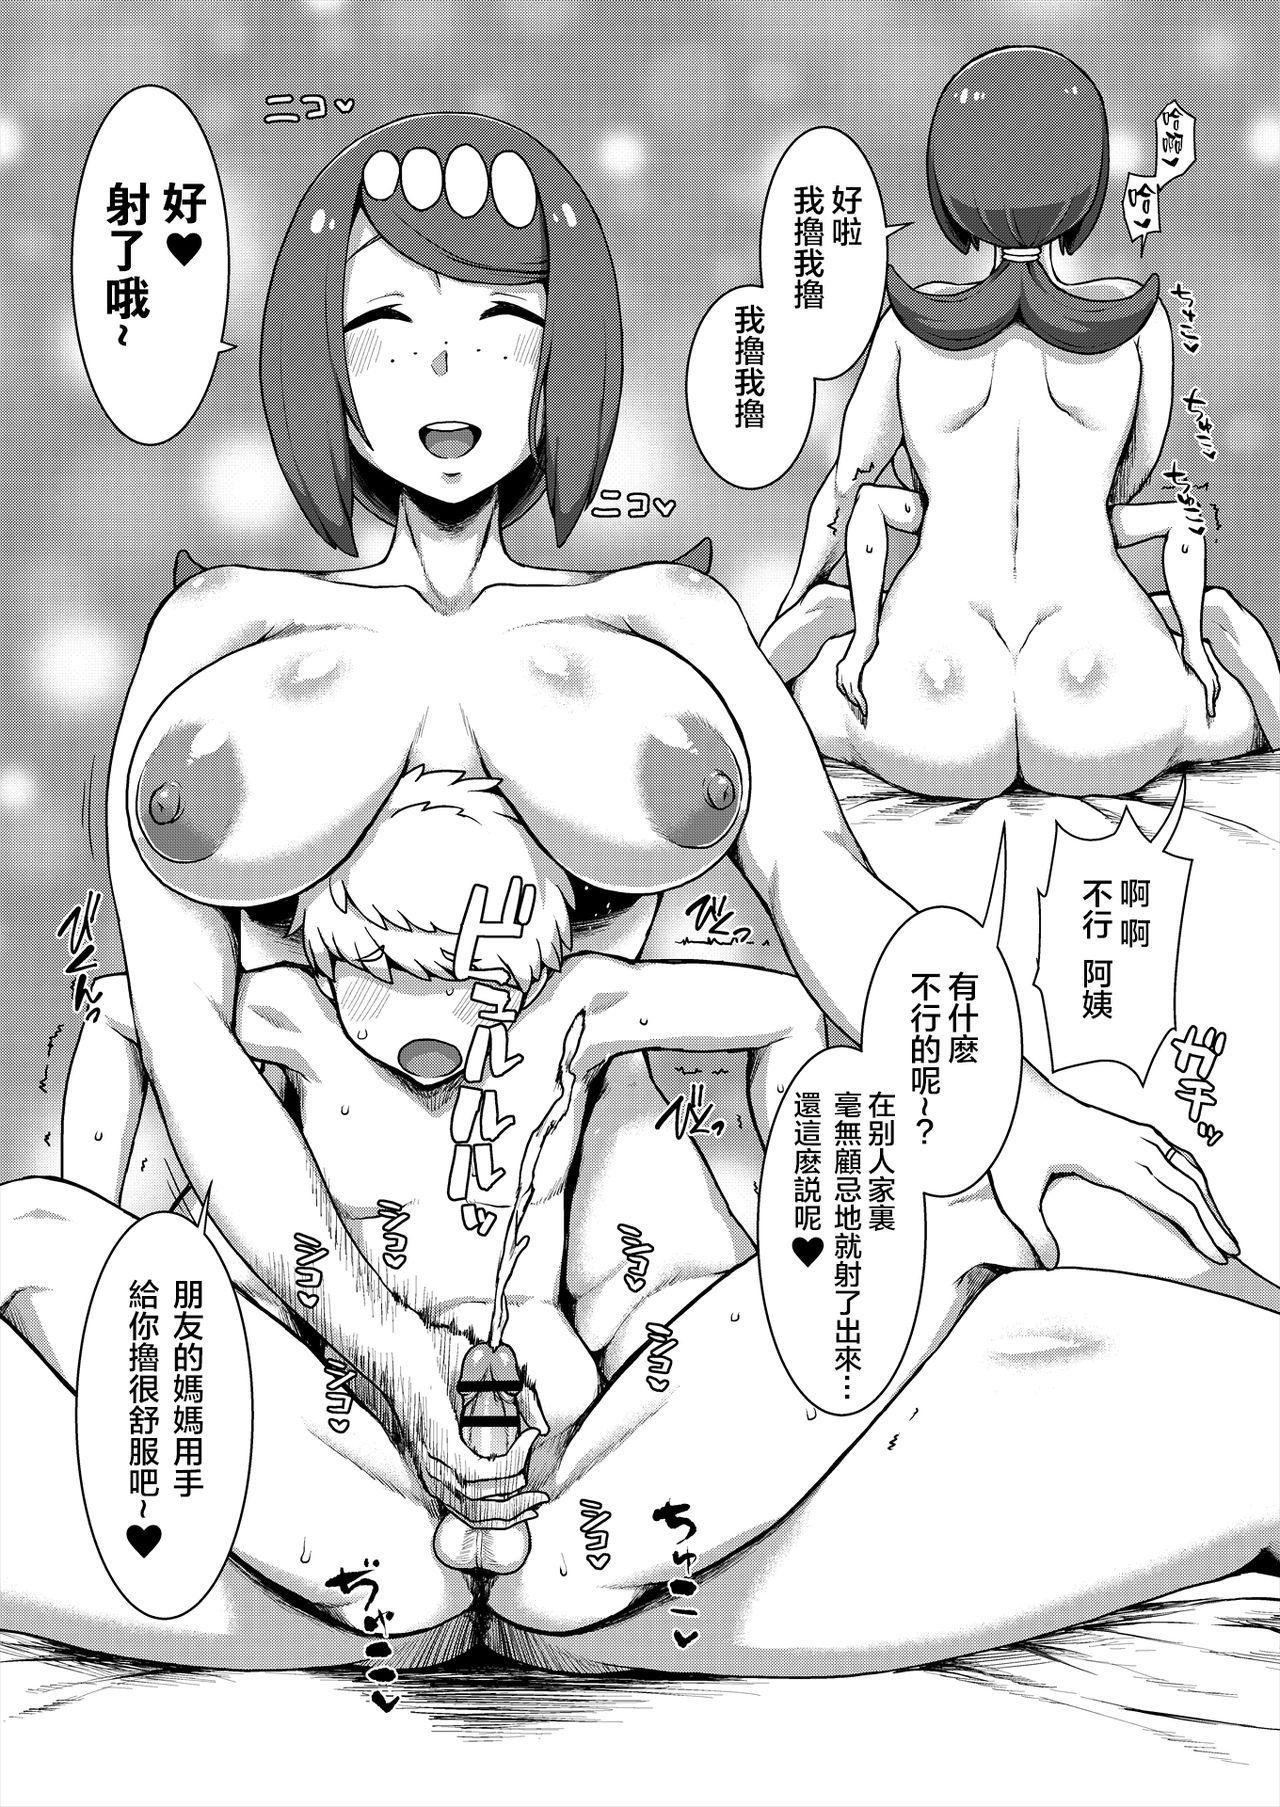 Omake no Matome+ 47